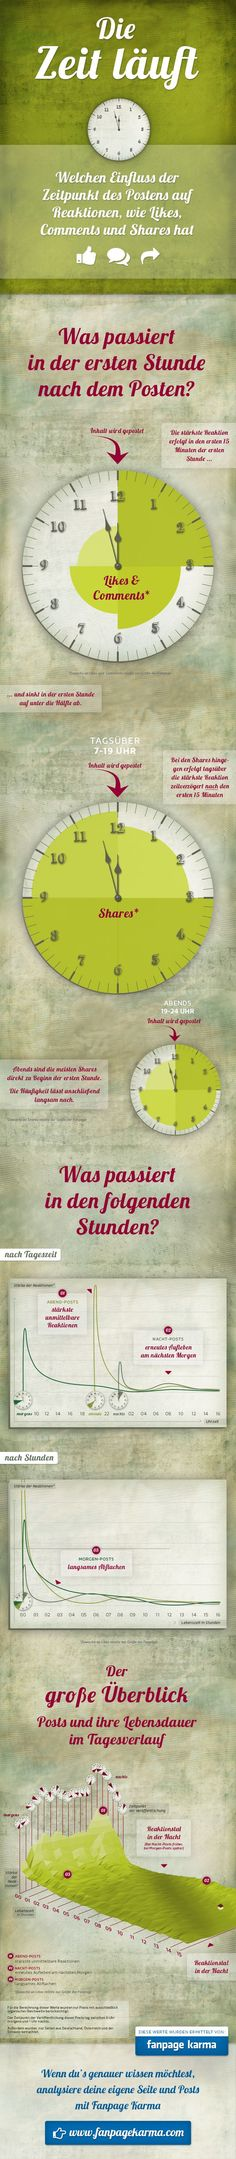 Infografik: So kannst du mit dem richtigen Post Zeitpunkt die Interaktionen beeinflussen